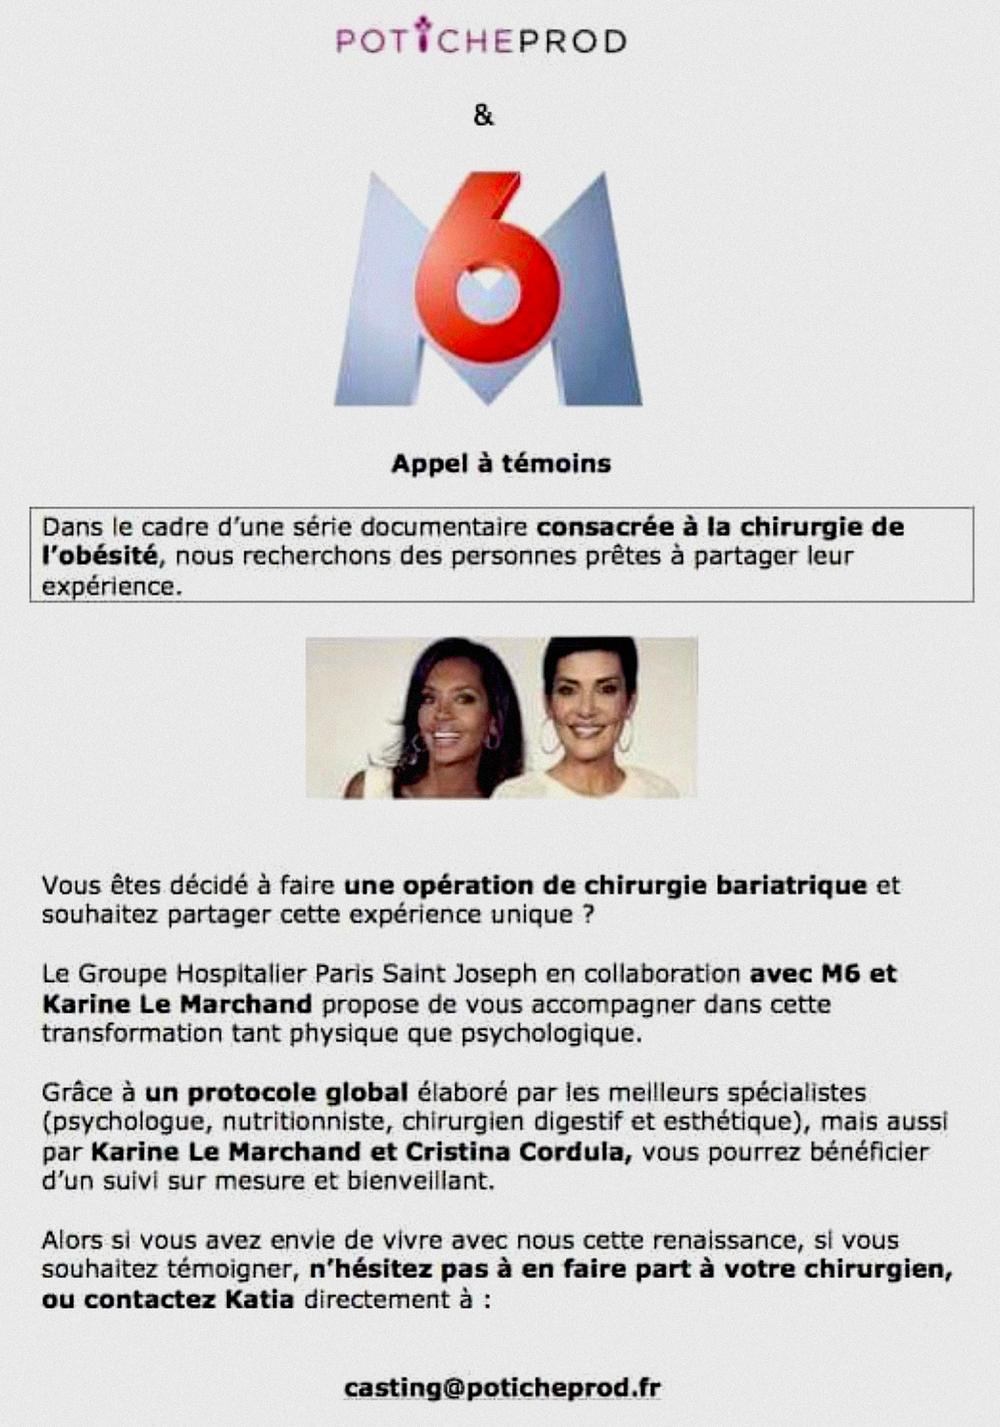 Stars à nu : le casting complet de la saison 2 révélé, trois ex-Miss France parmi les femmes !